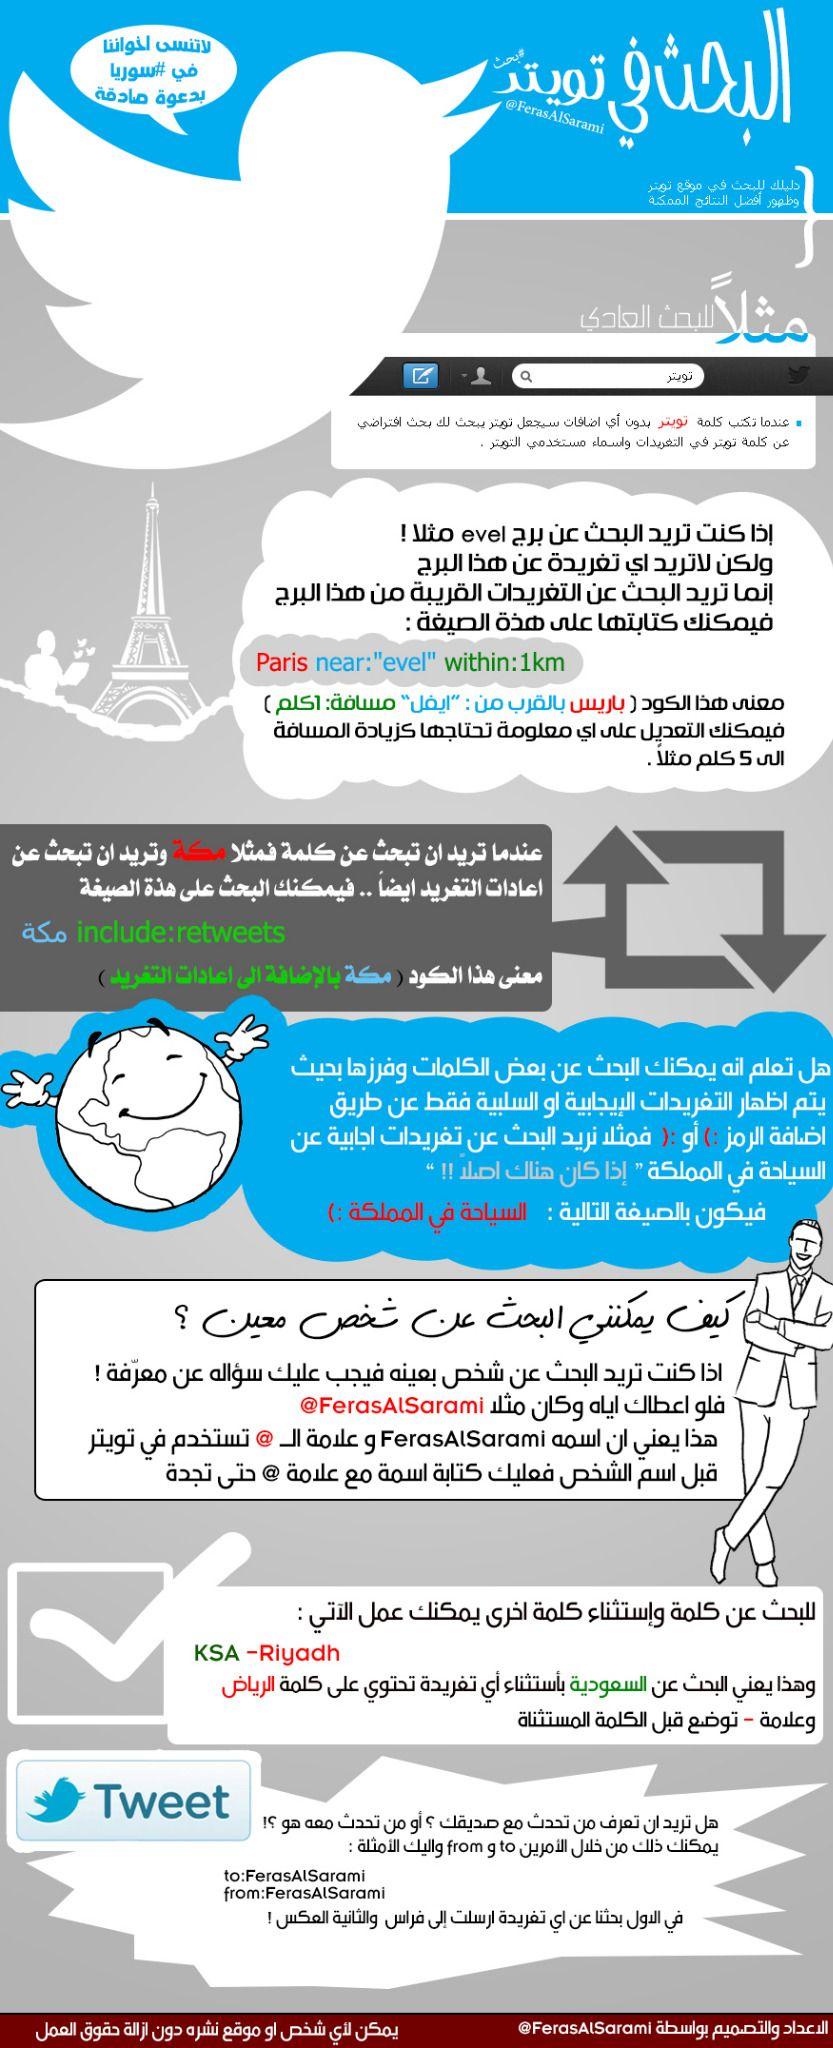 البحث في تويتر Social Media Marketing Business Social Media Social Media Pins